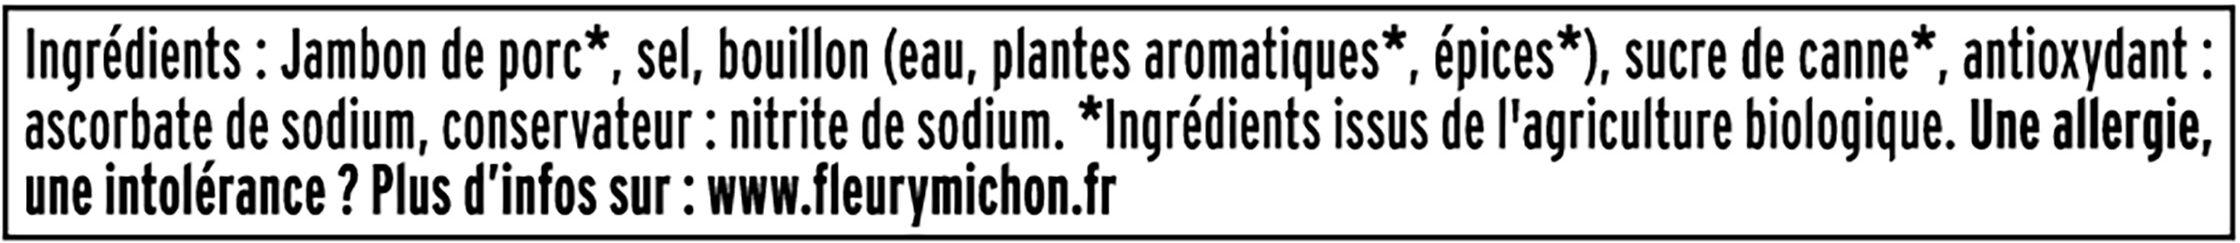 Jambon Supérieur sans couenne Bio - 2 tranches - Ingredienti - fr